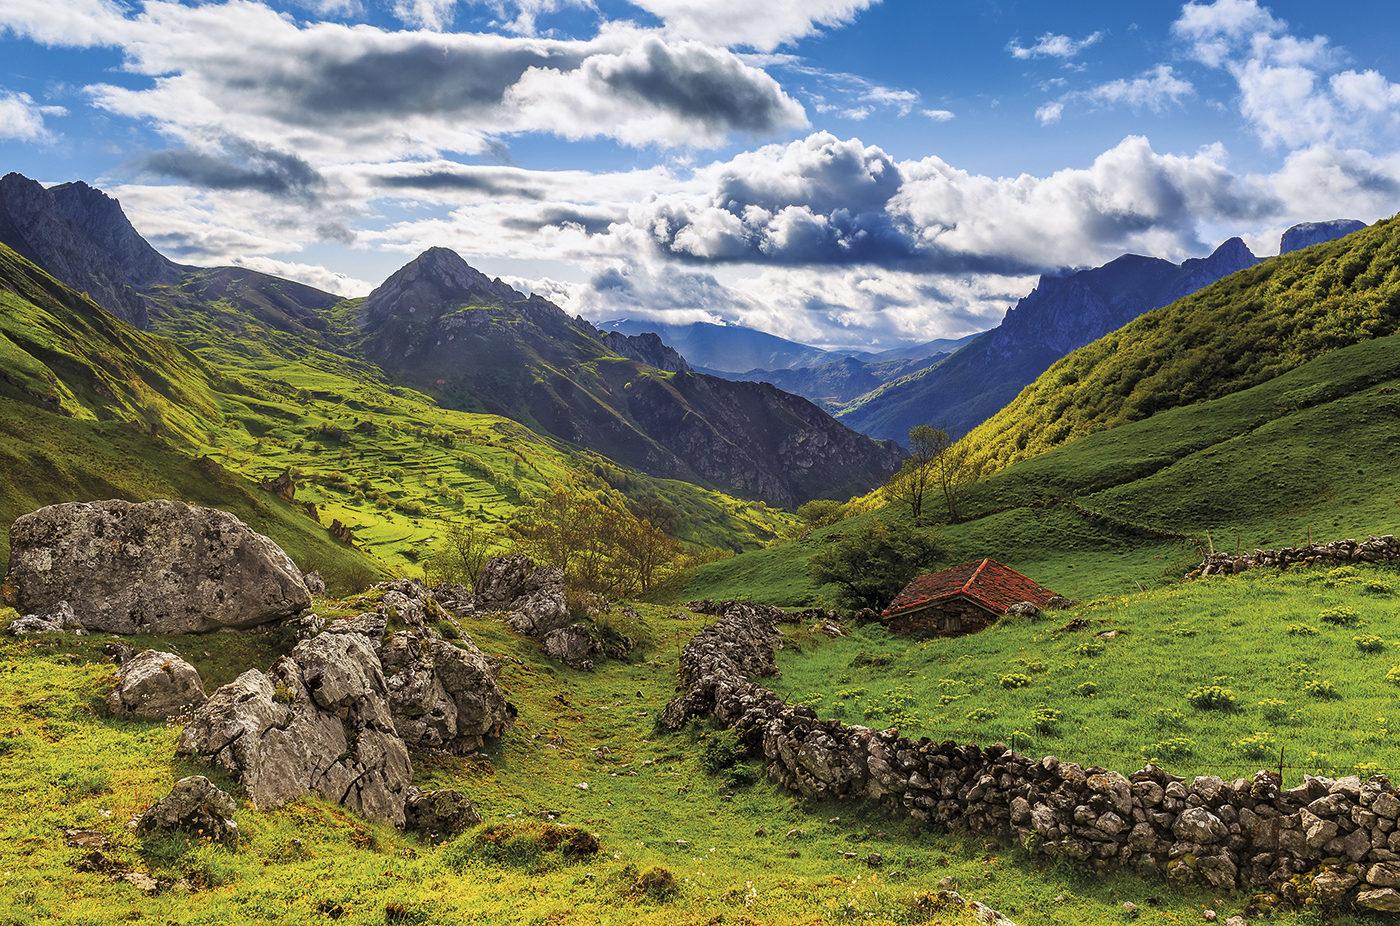 degañaparque e1587382281170 - Parque Natural Fuentes del Narcea, Degaña e Ibias-Asturias-España